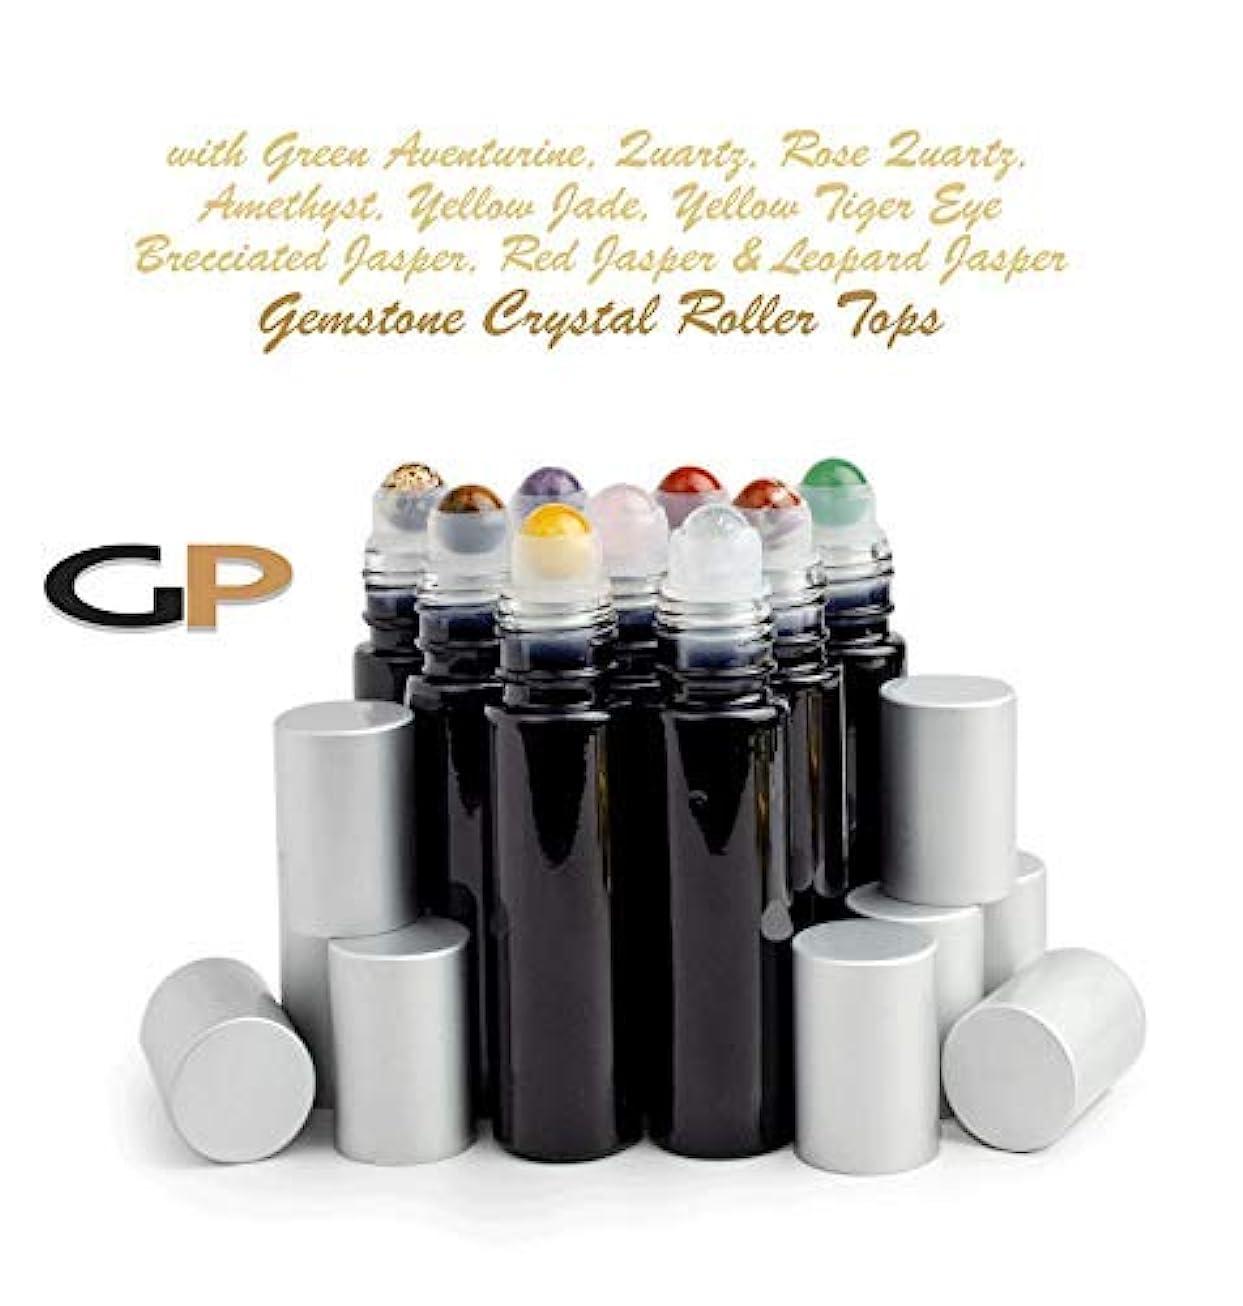 ワイヤーリビジョン振る舞うGrand Parfums 9 Gemstone Crystal Roller Tops in 10ml Shny Black Glass Bottles, with Matte Silver Caps for Essential...